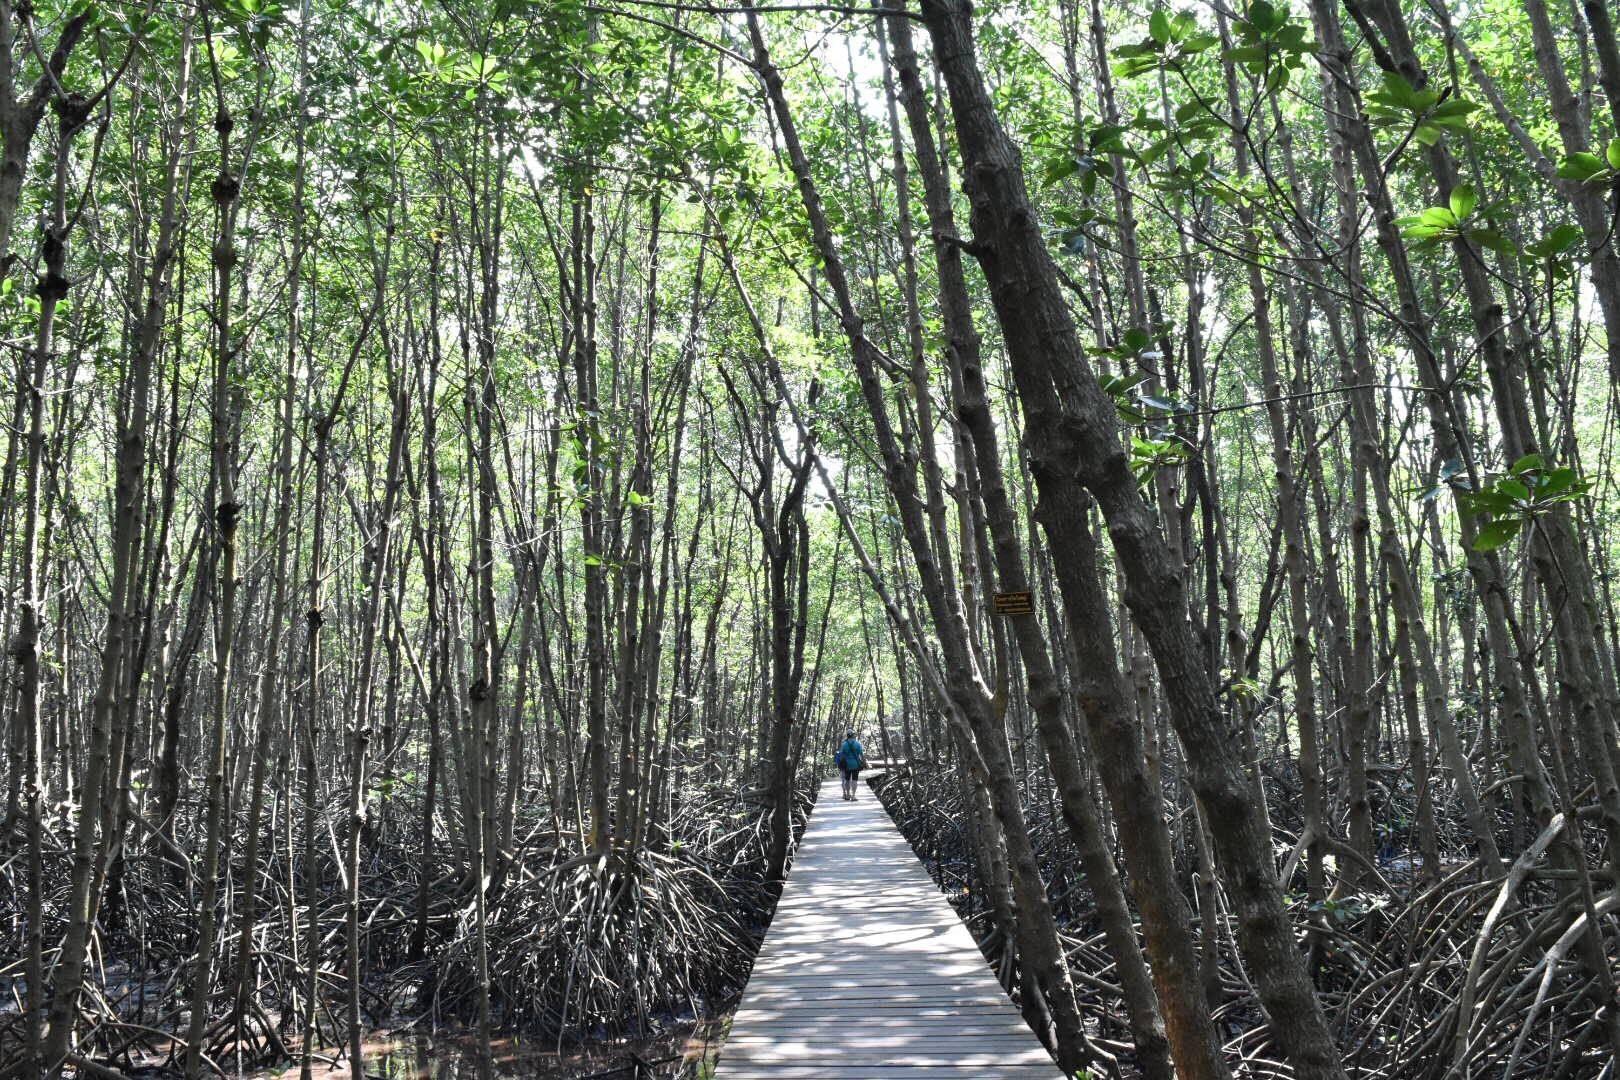 ศูนย์ศึกษาการพัฒนาอ่าวคุ้งกระเบน (ป่าชายเลน)